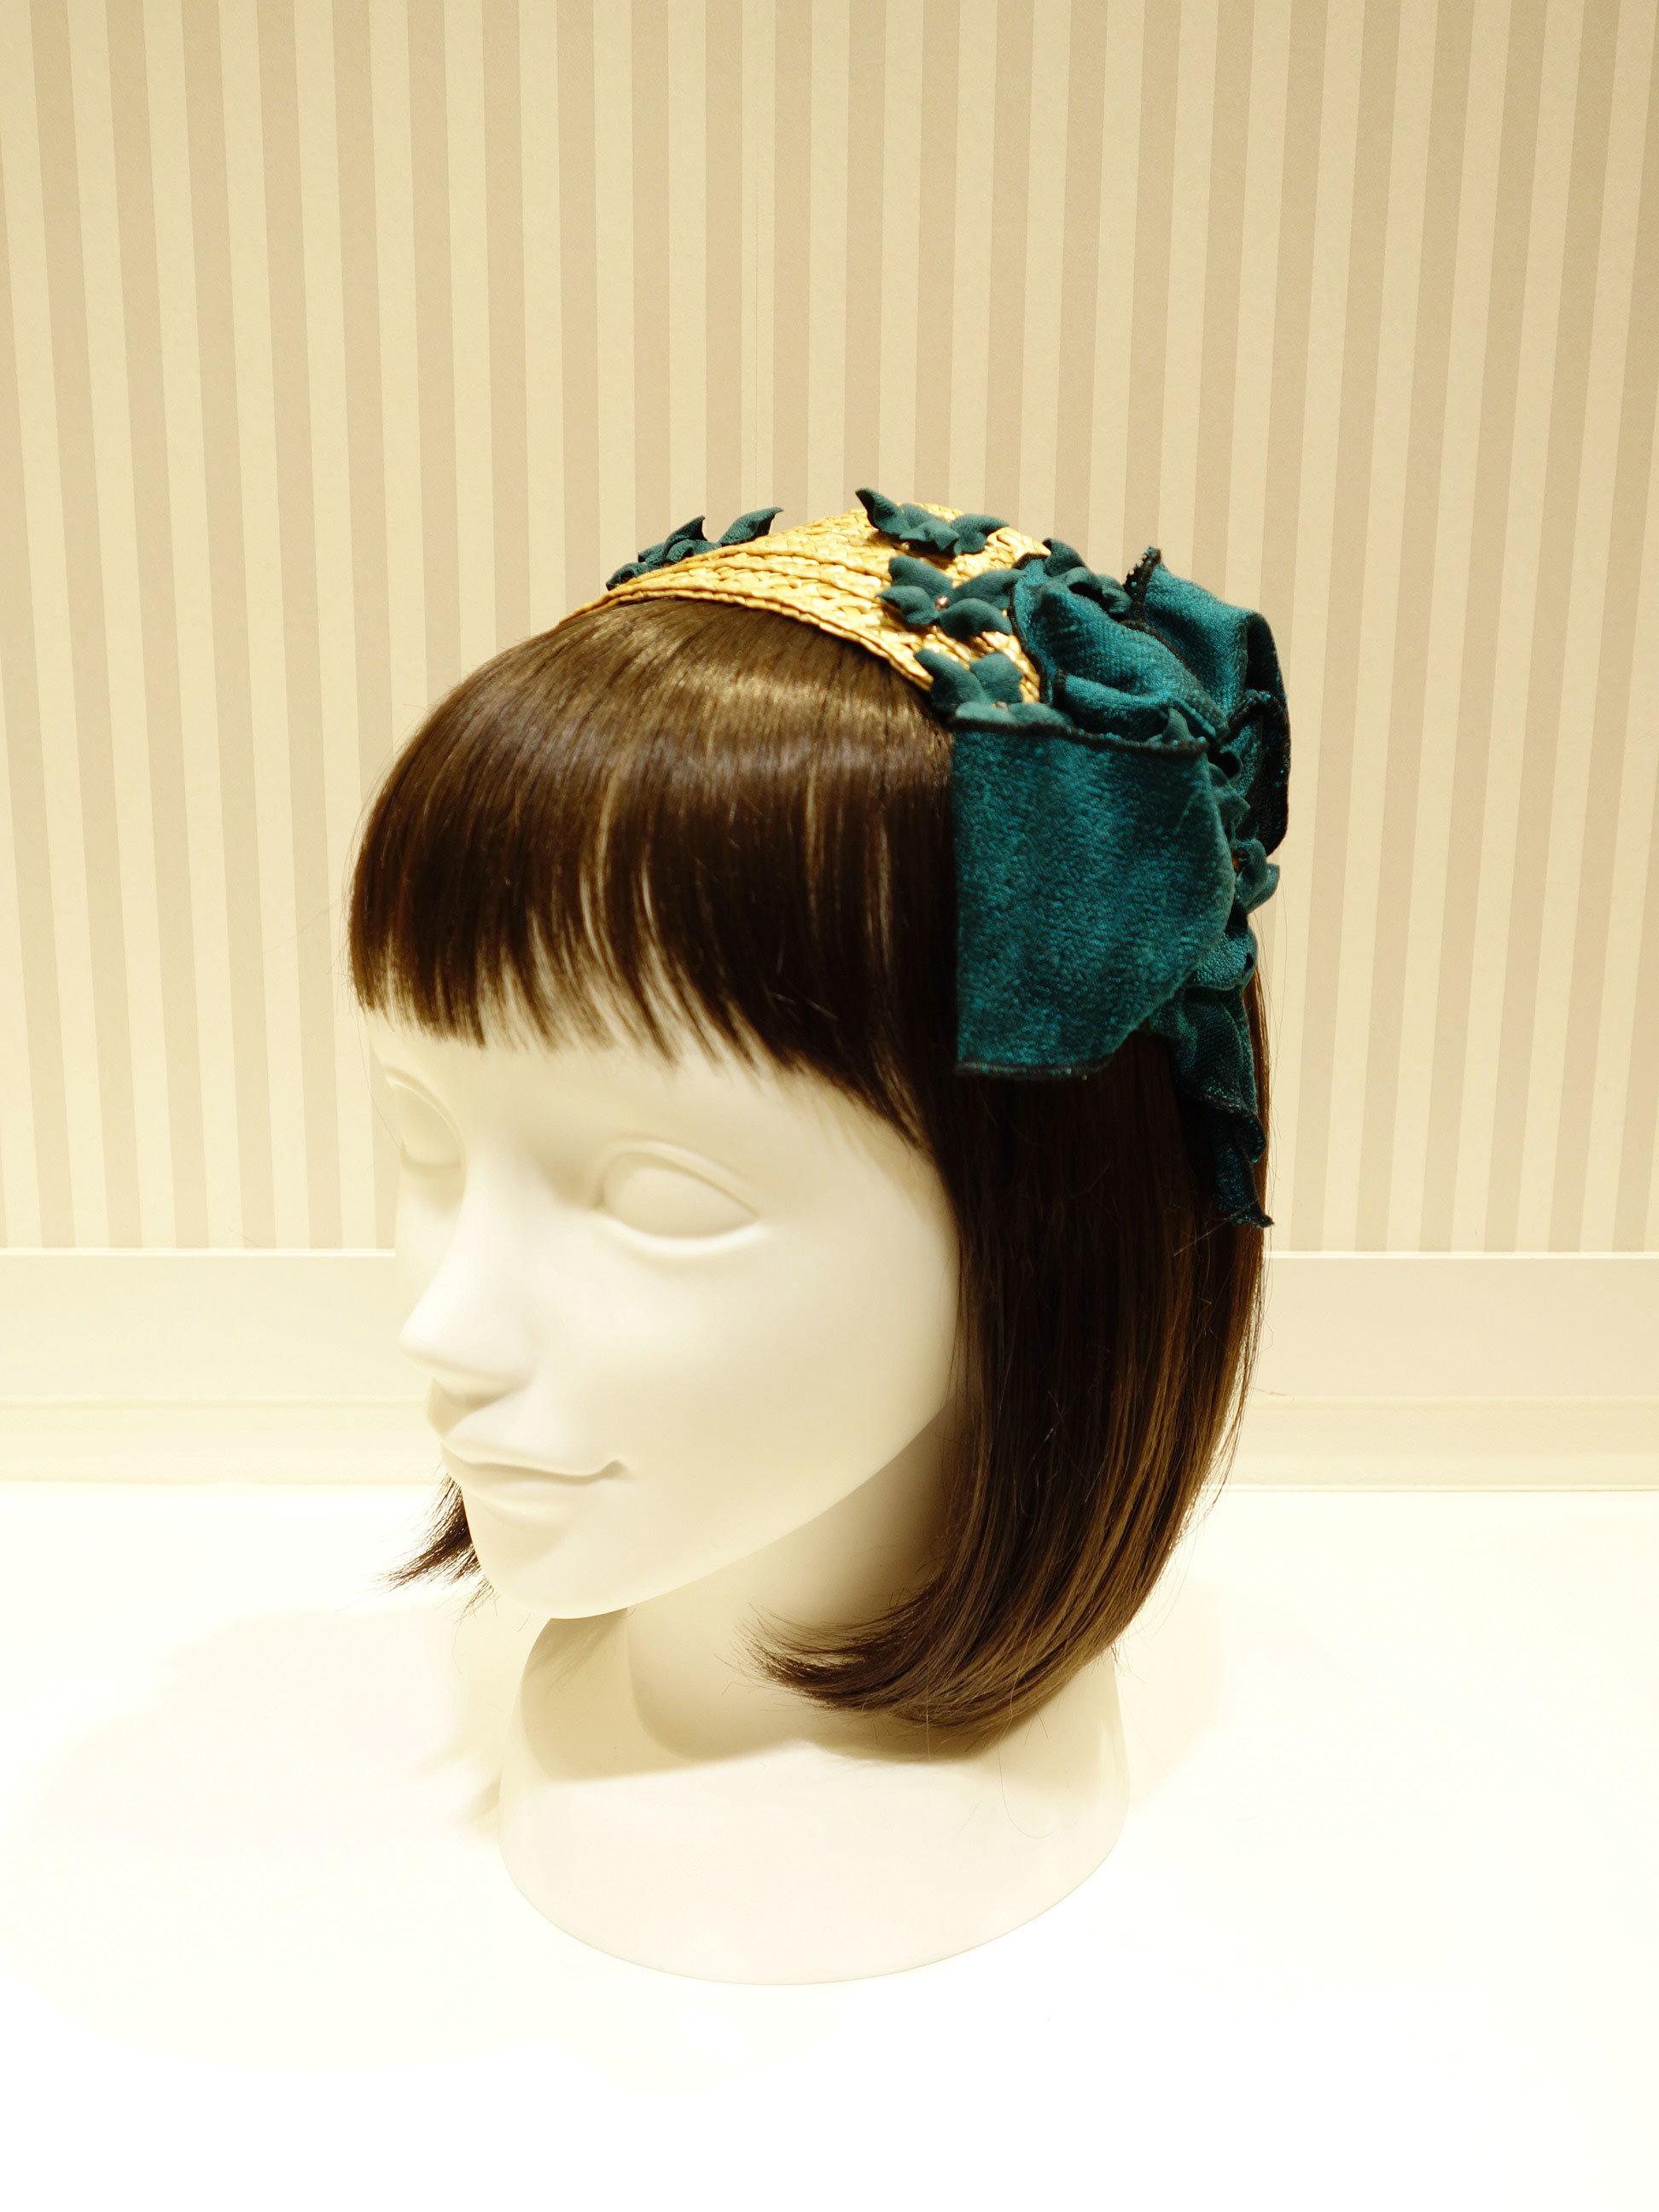 KEIKO IGATAさん帽子*新入荷しました*_e0167832_14065909.jpg